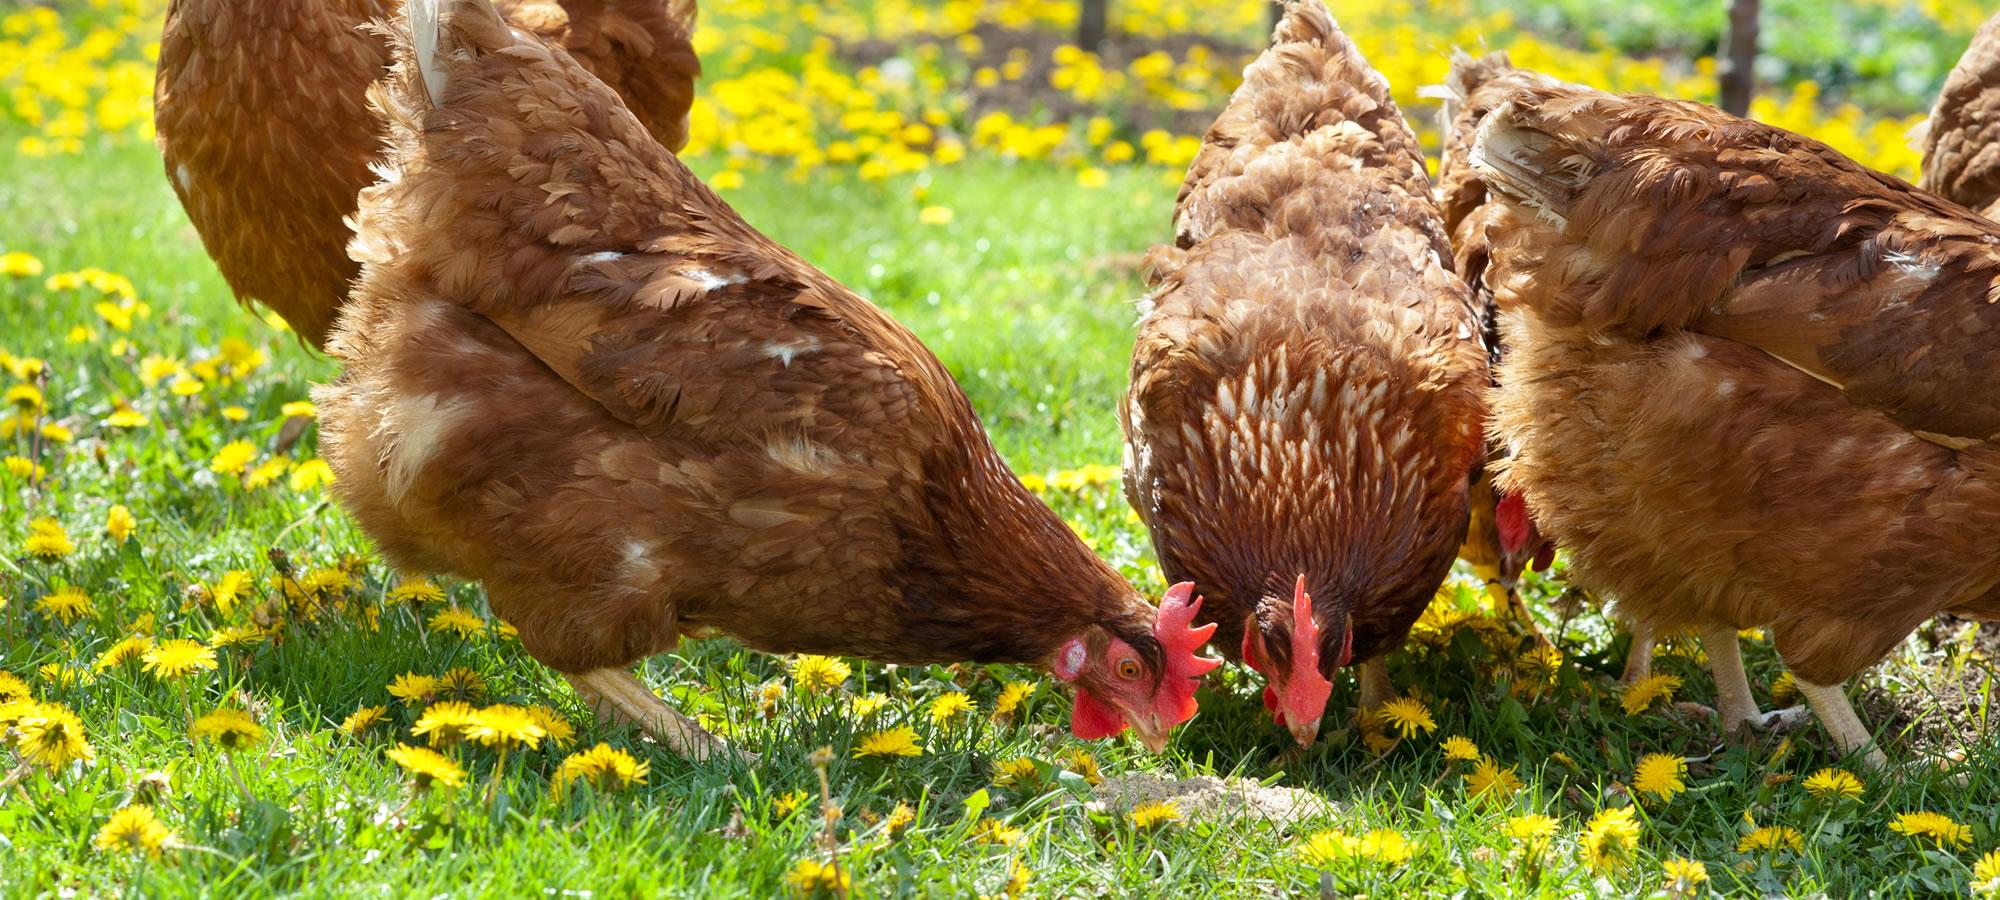 Hühner auf Wiese